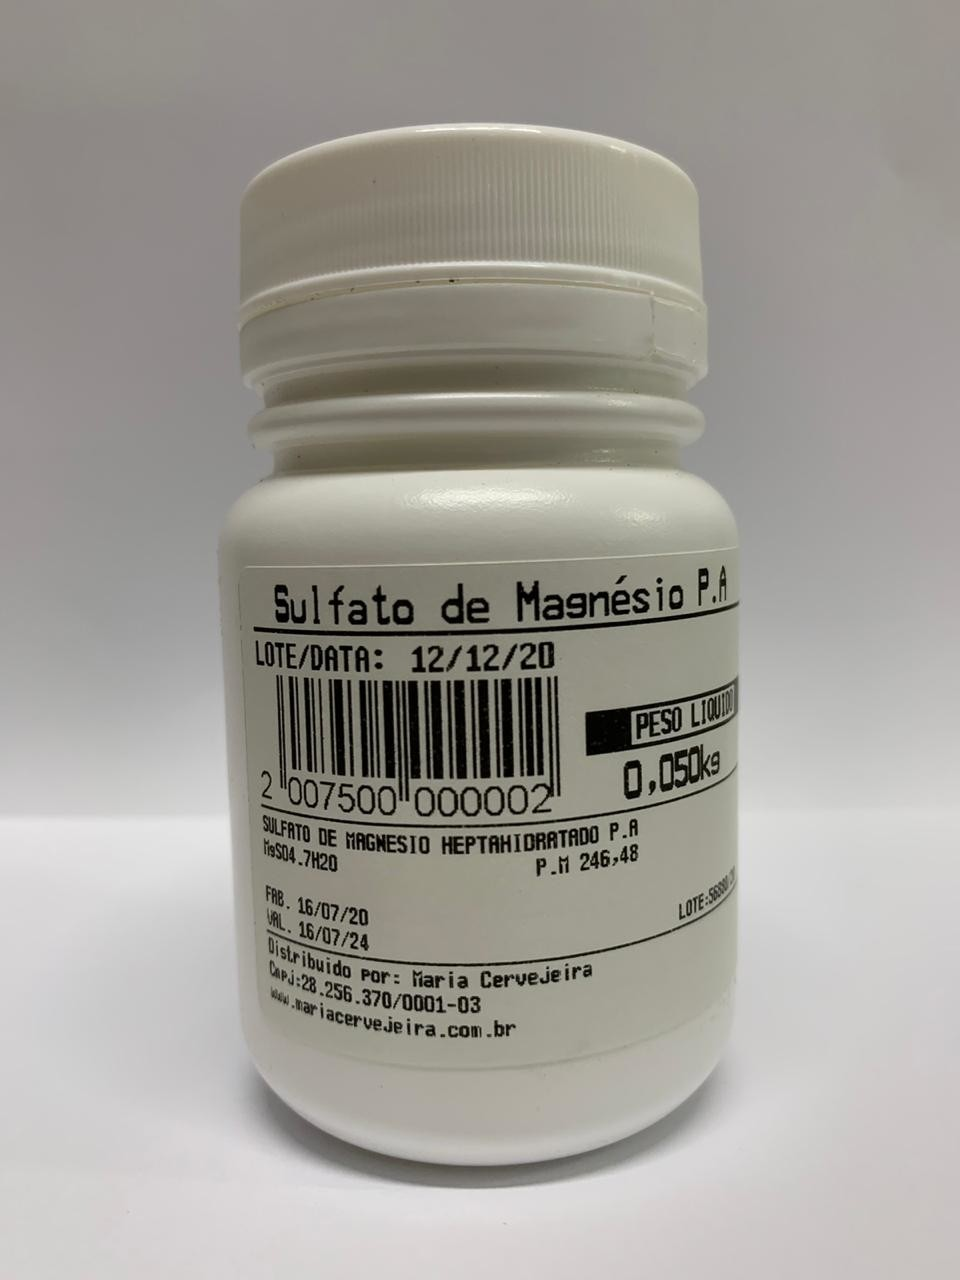 Sulfato de Magnésio Embalagem 50g  - Maria Cervejeira